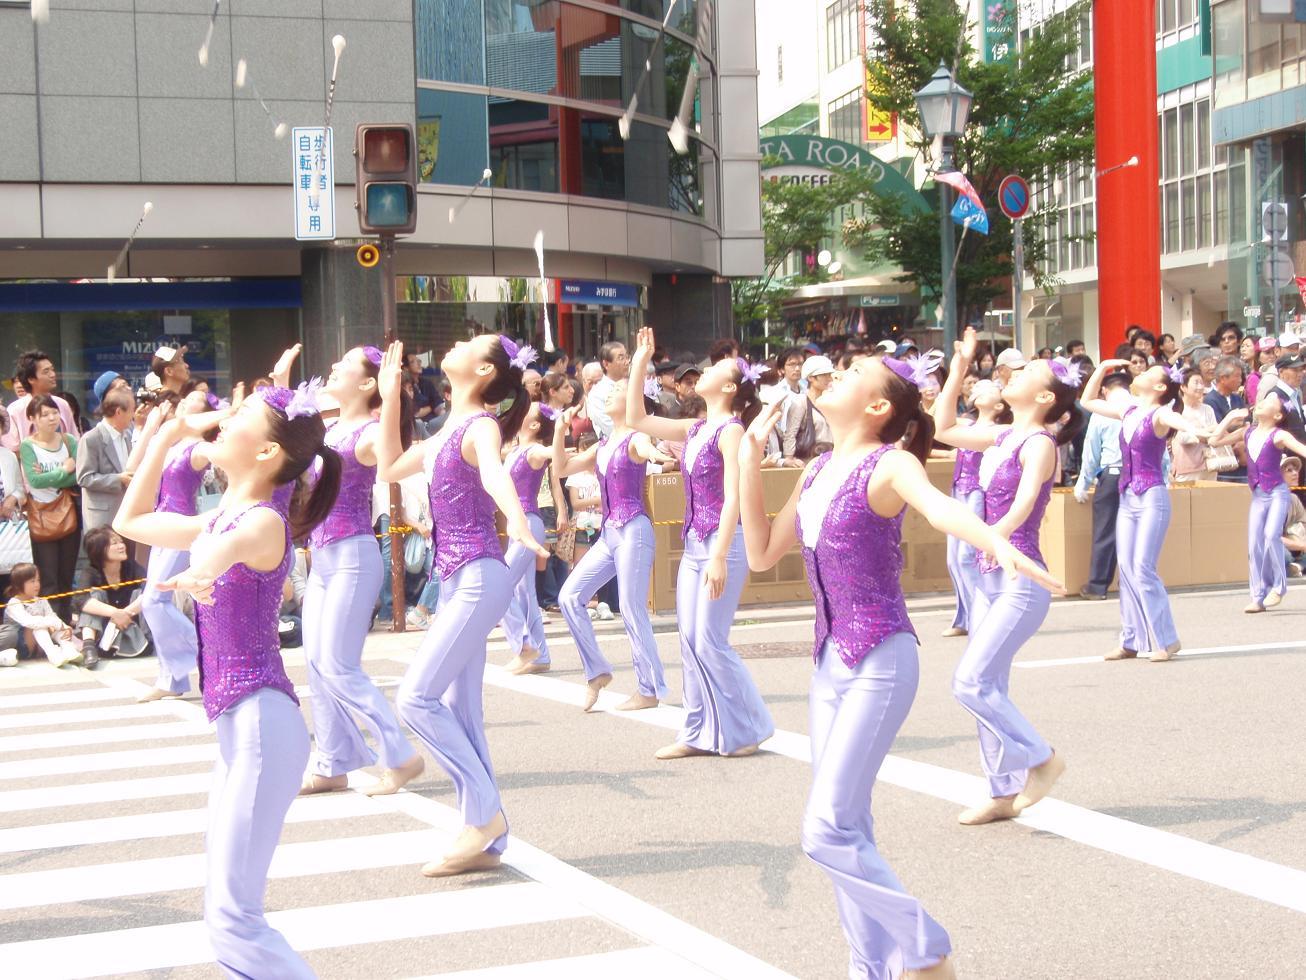 神戸まつり21 バトントワラーの女の子たち。風が強くて、落としまくってました。  サンバの風に吹